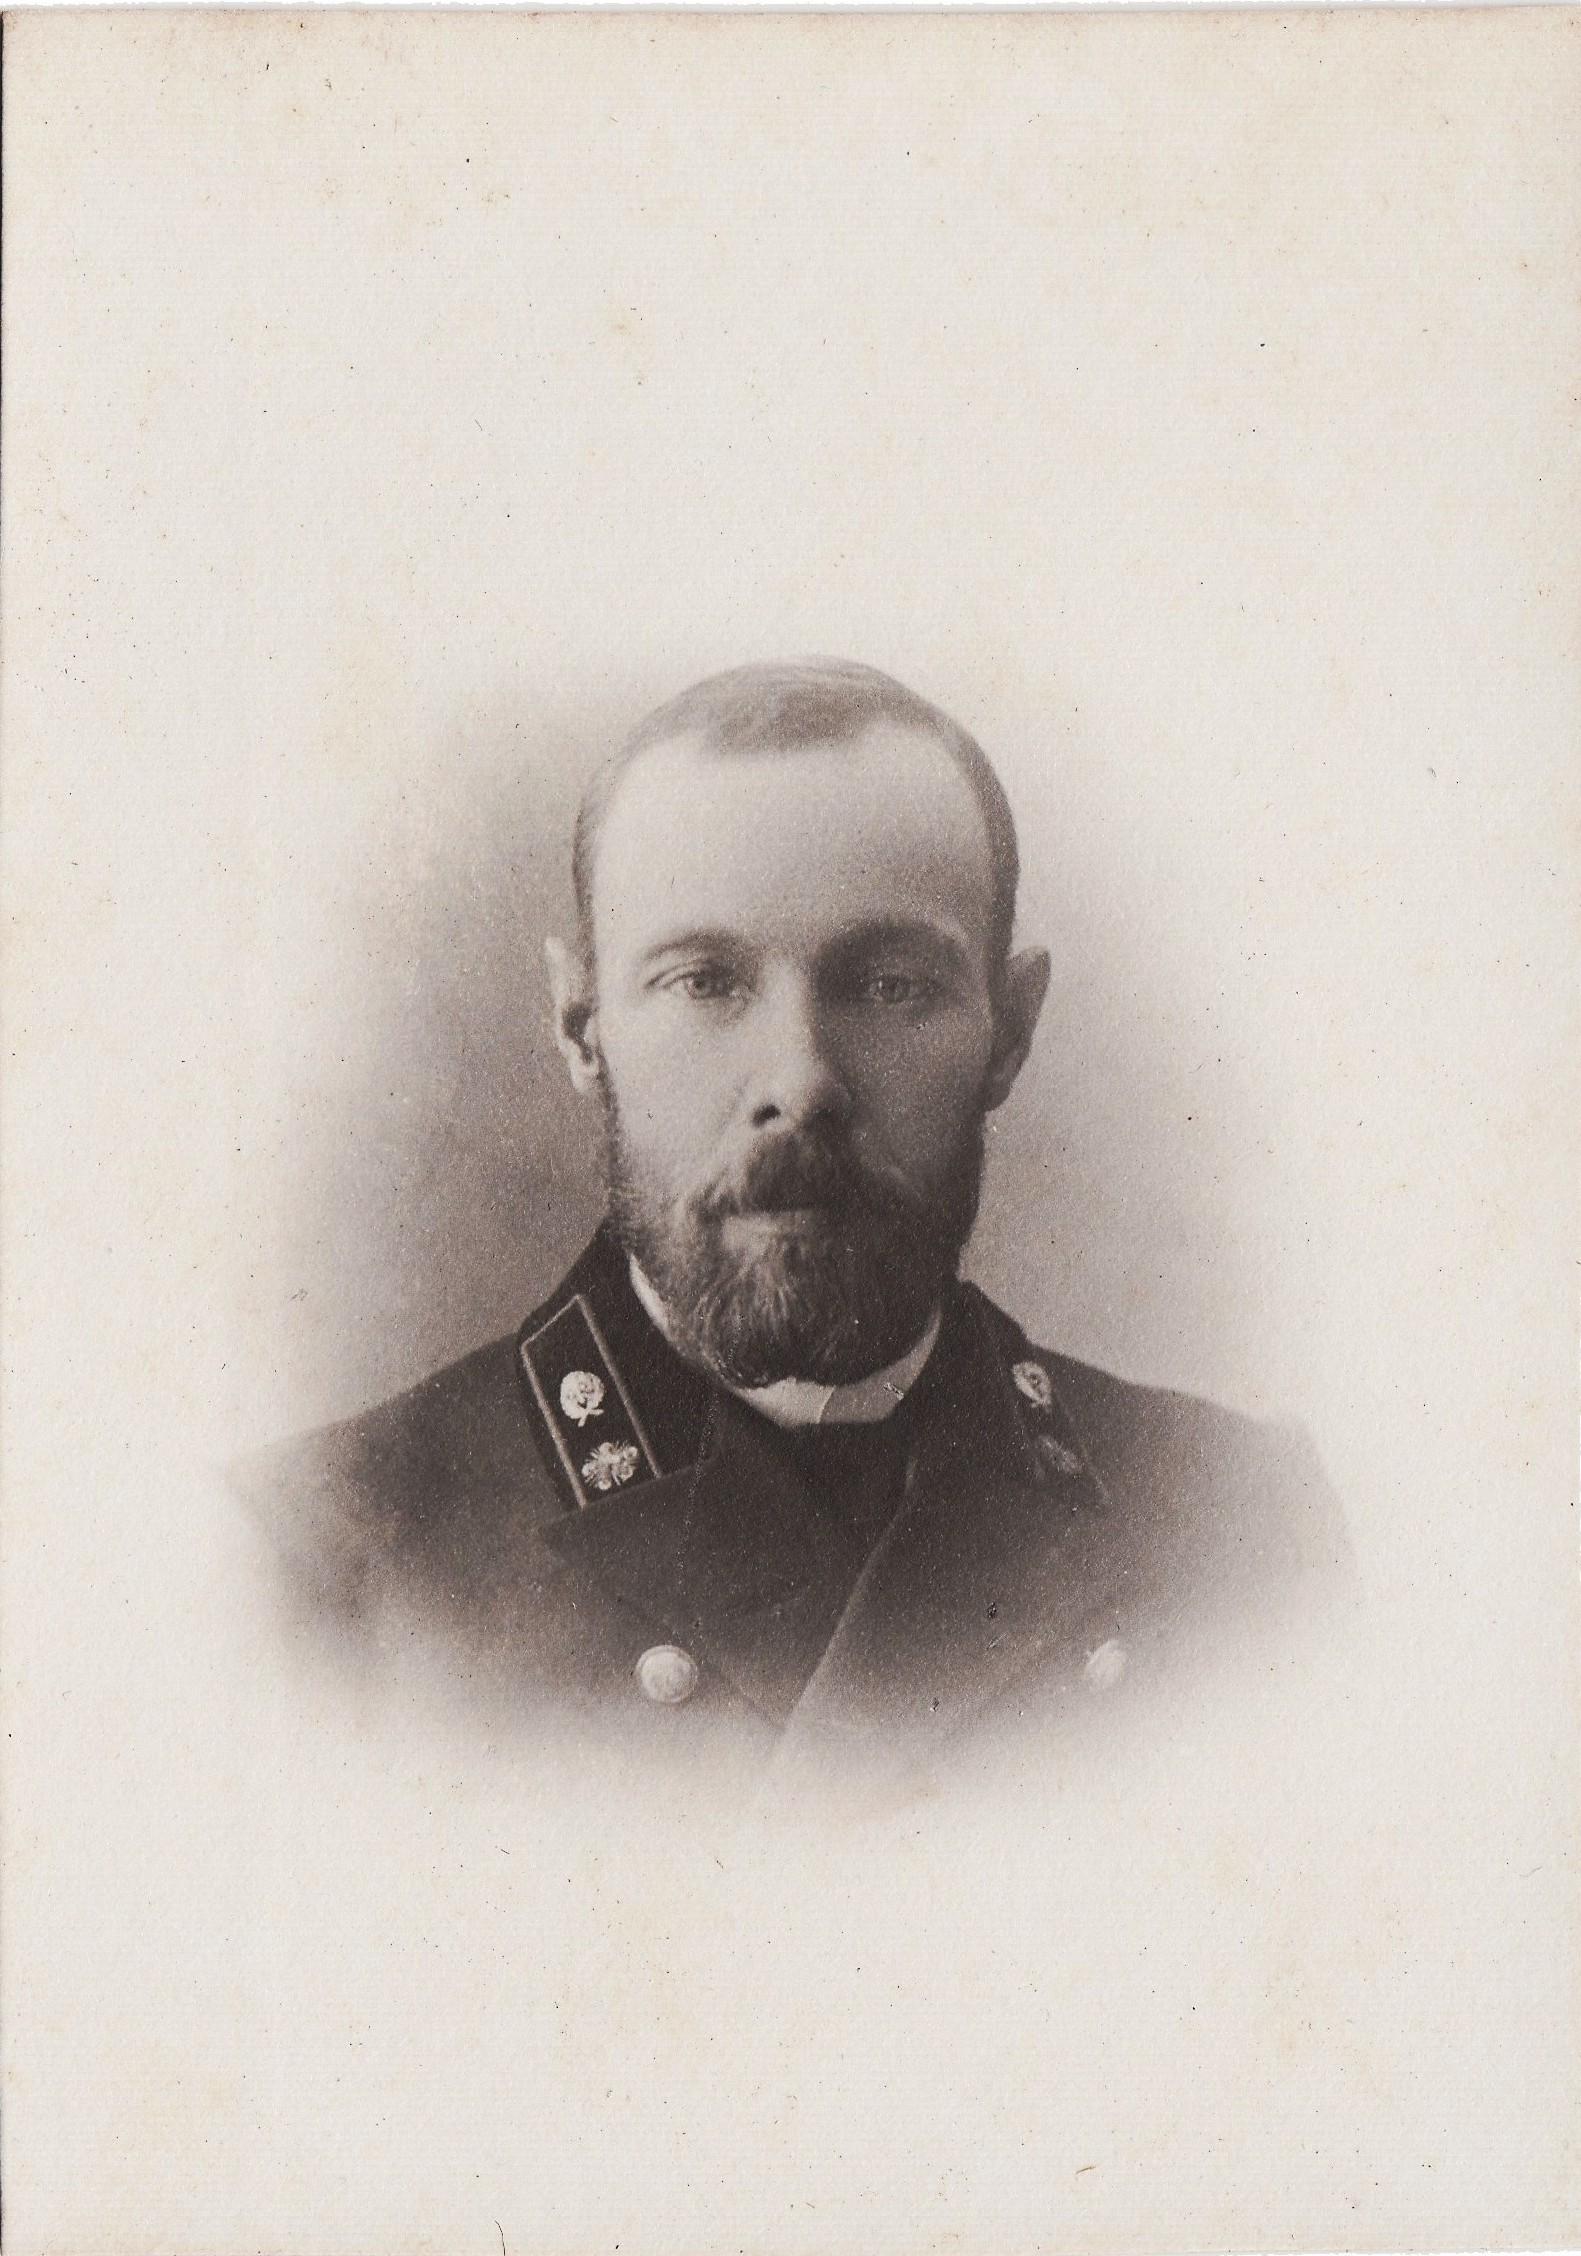 Молчанов Сергей Кузьмич, статский советник – гражданская, всеобщая и русская история; французский язык.